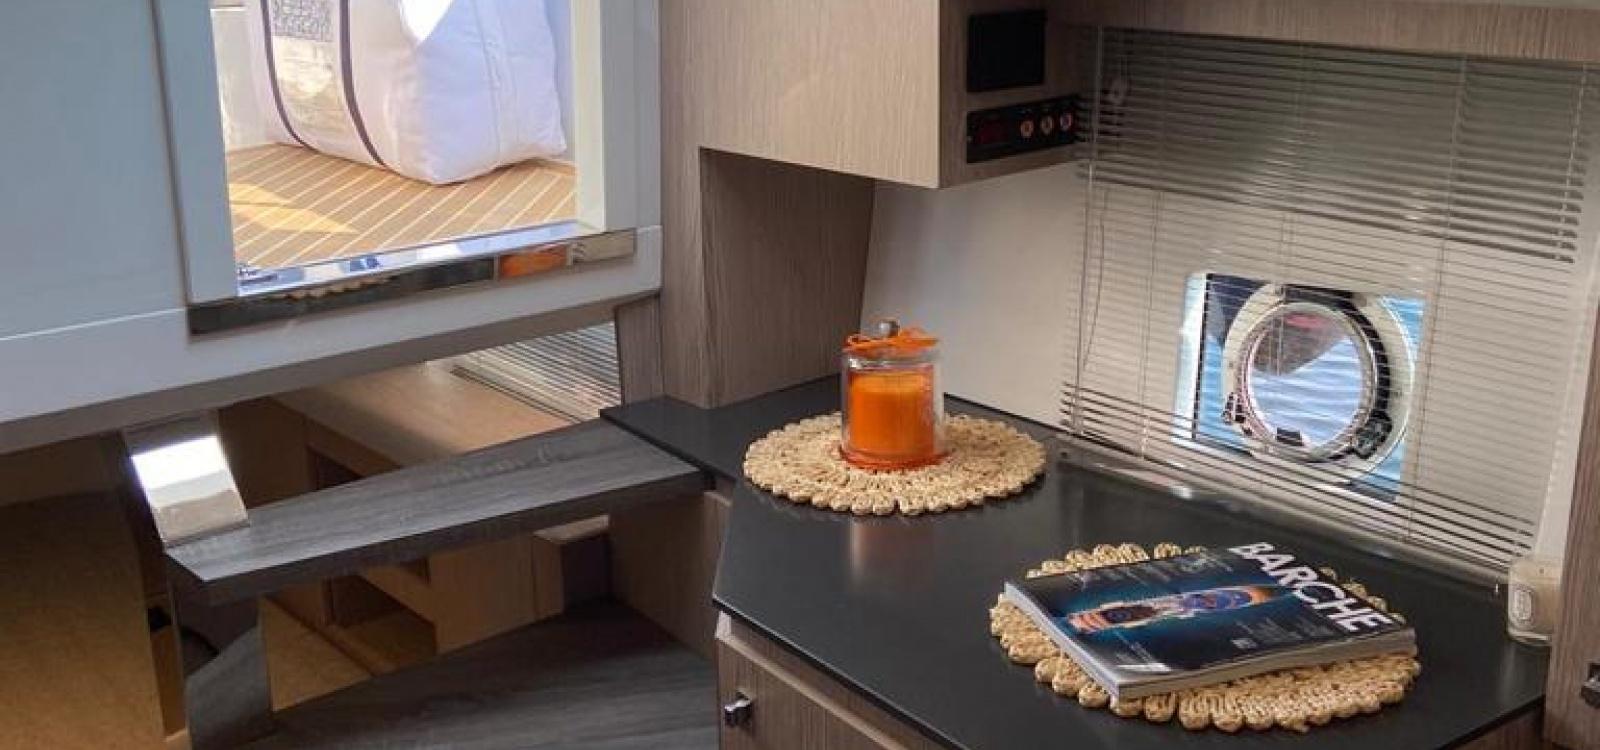 El Masnou,Barcelona,España,2 Habitaciones Habitaciones,1 BañoLavabos,Barco a motor,2122